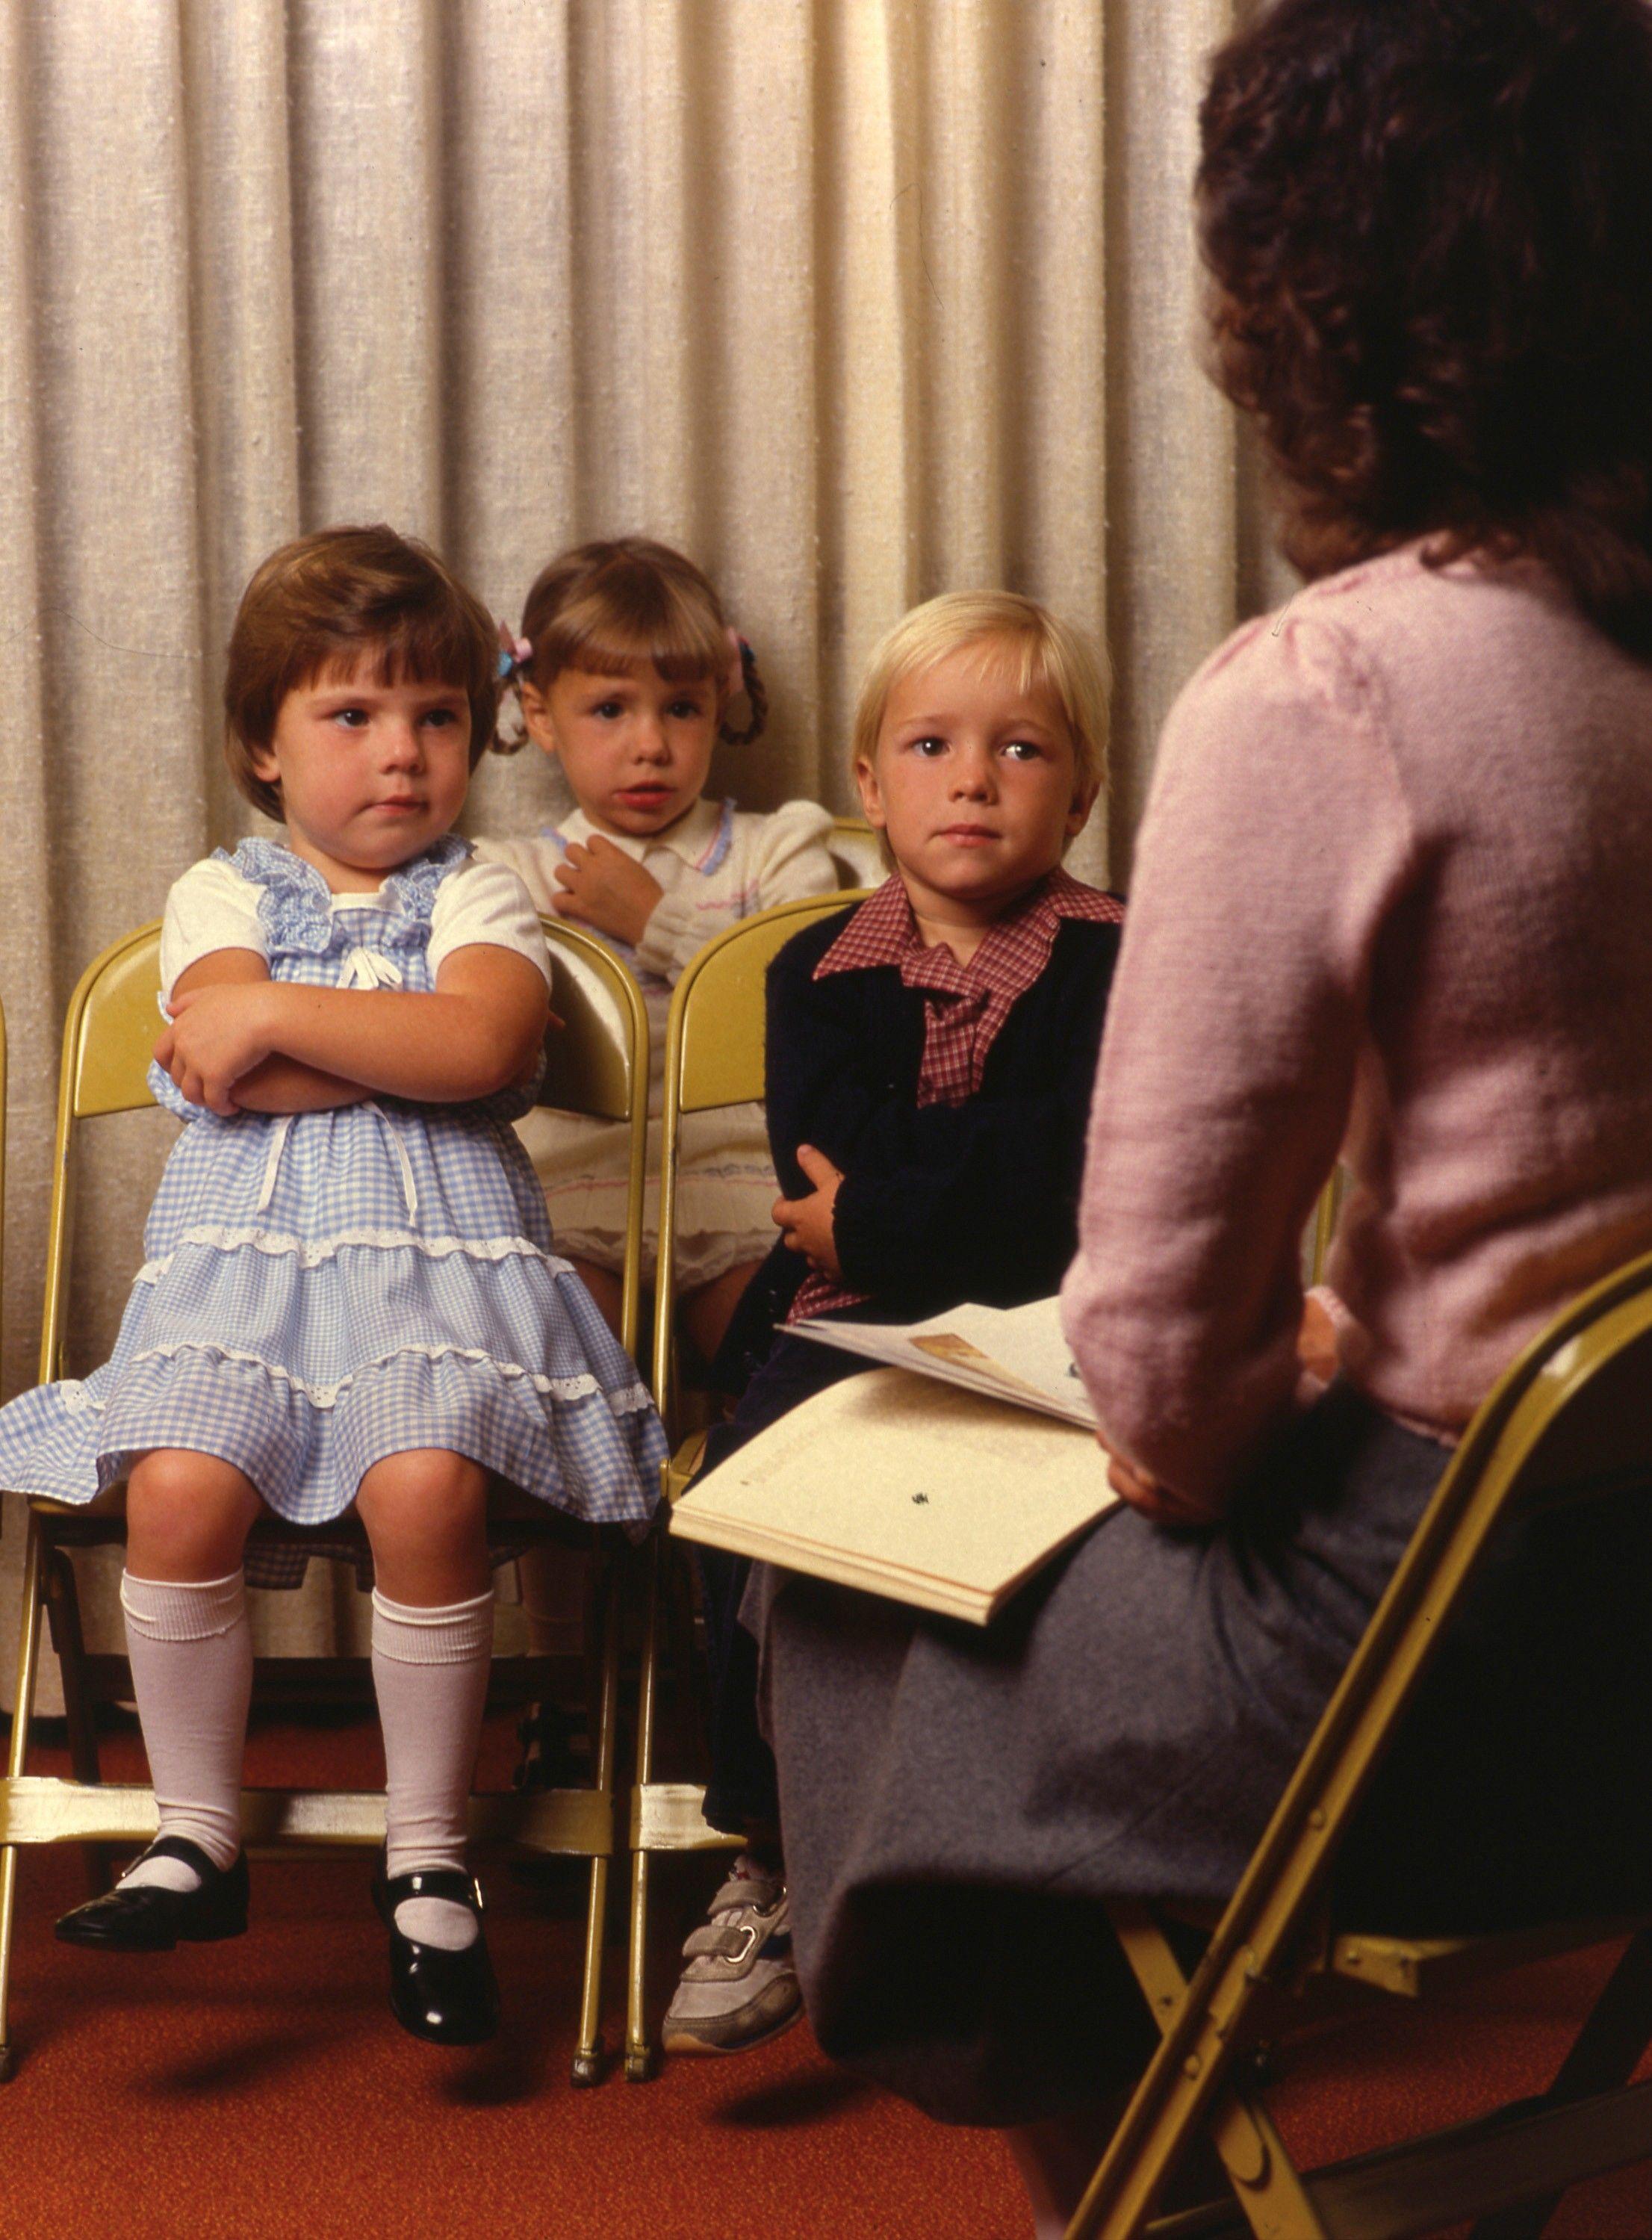 Three children sitting in a Primary class, listening to their teacher.